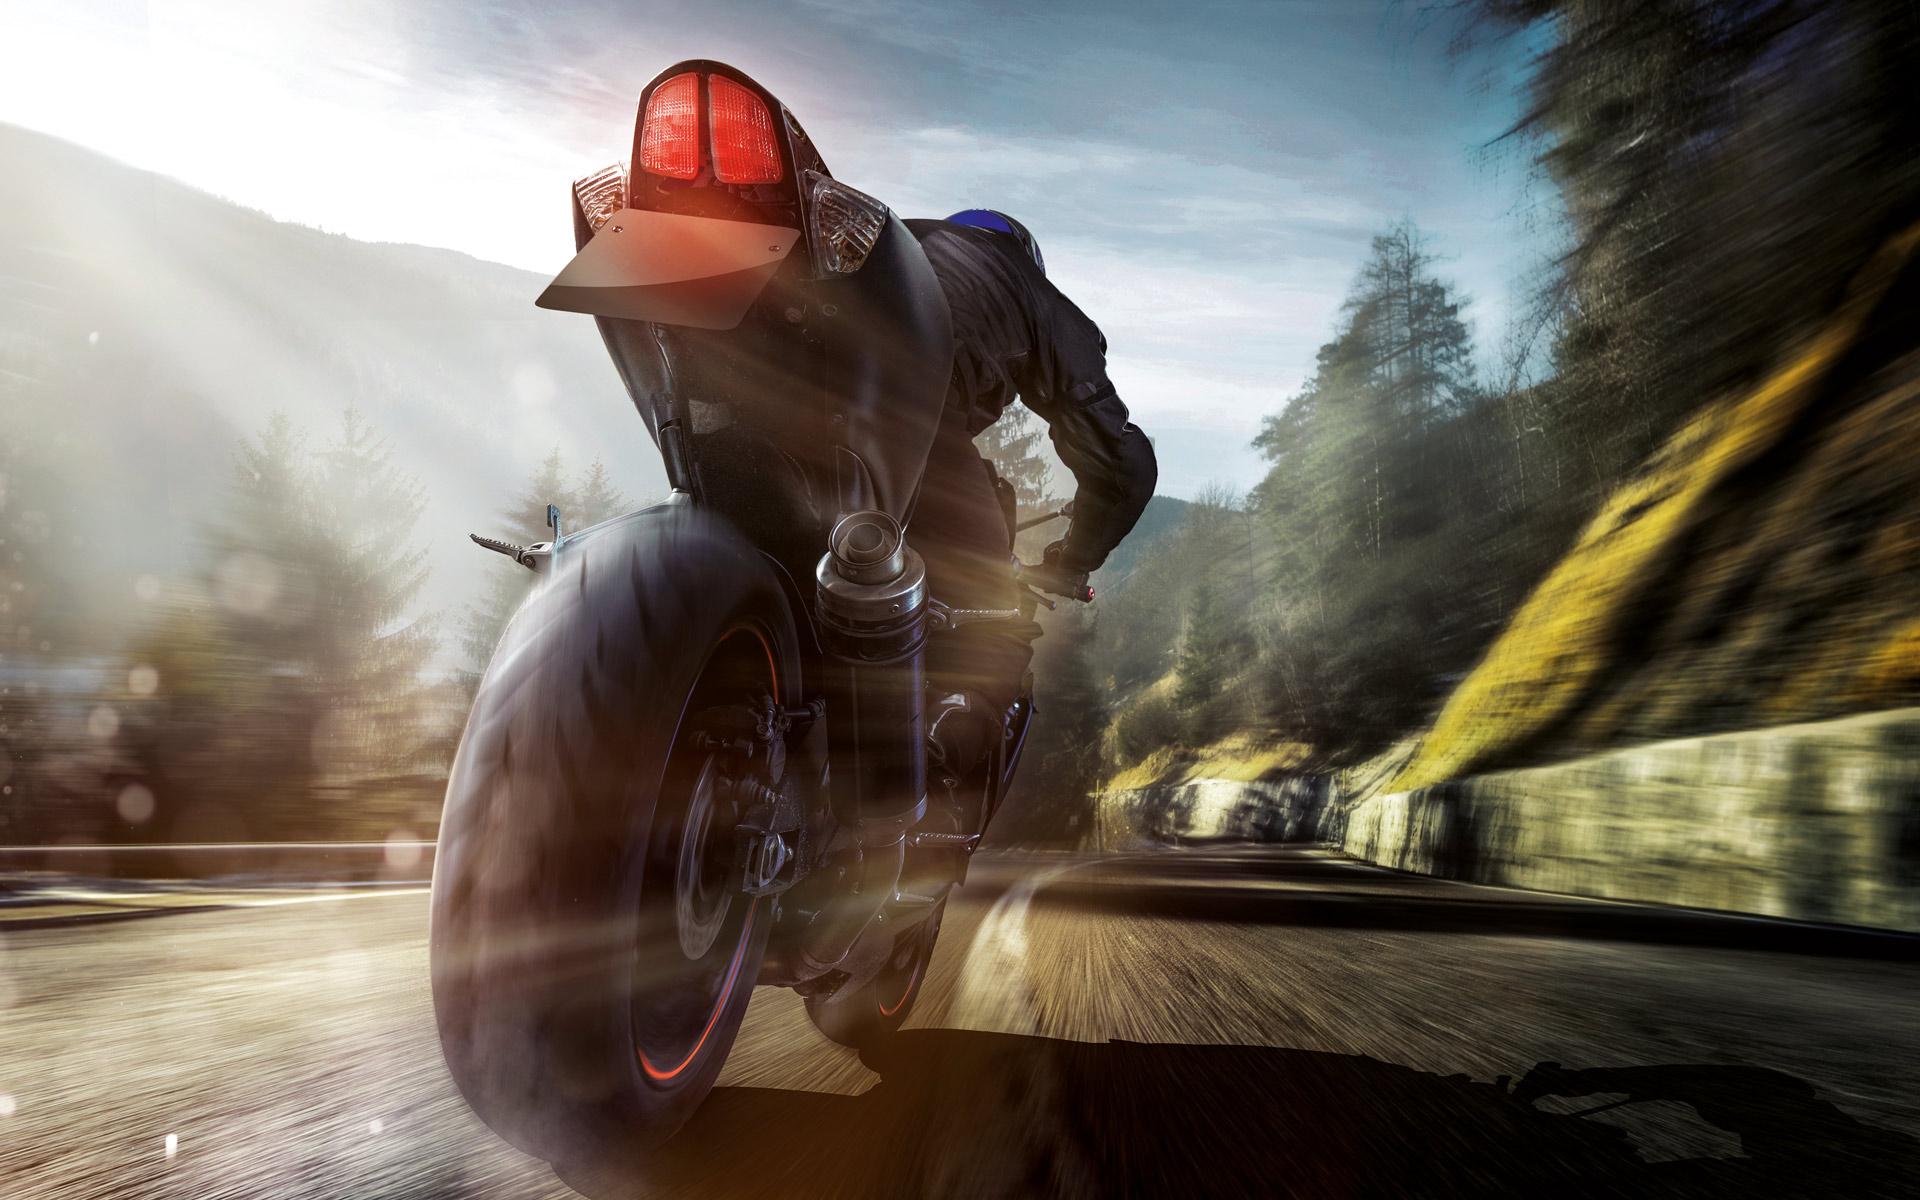 Schneller Motorradfahrer auf Motorrad aus Rückansicht